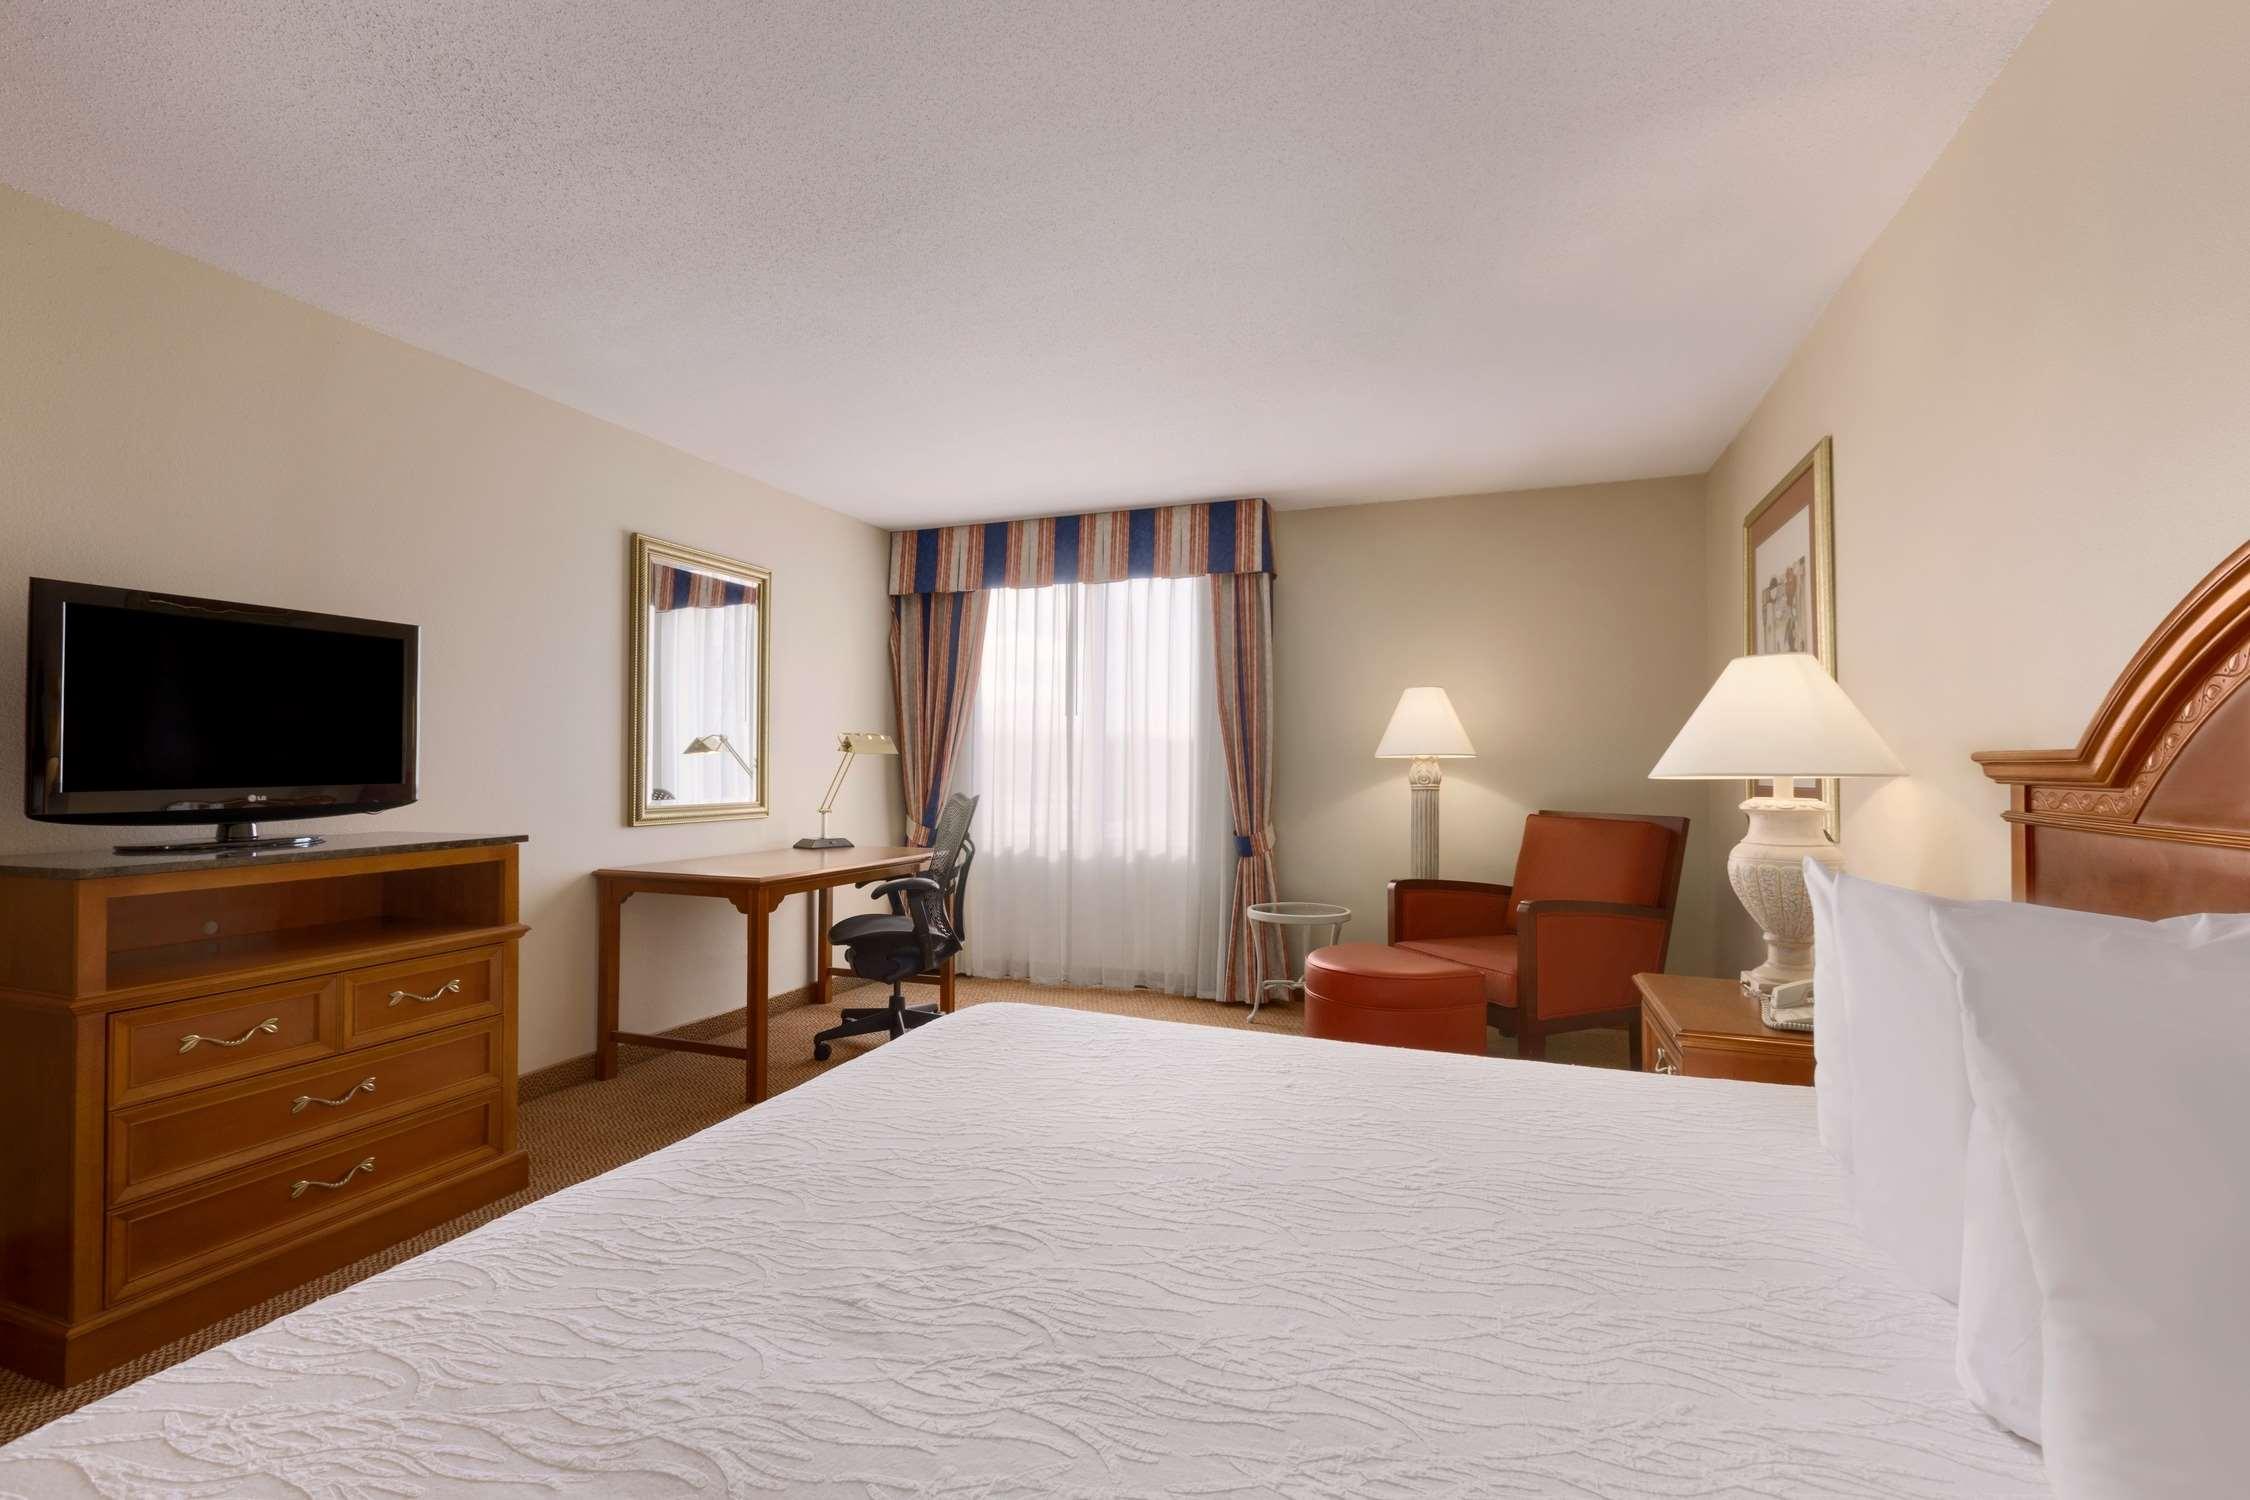 Hilton Garden Inn Syracuse image 11